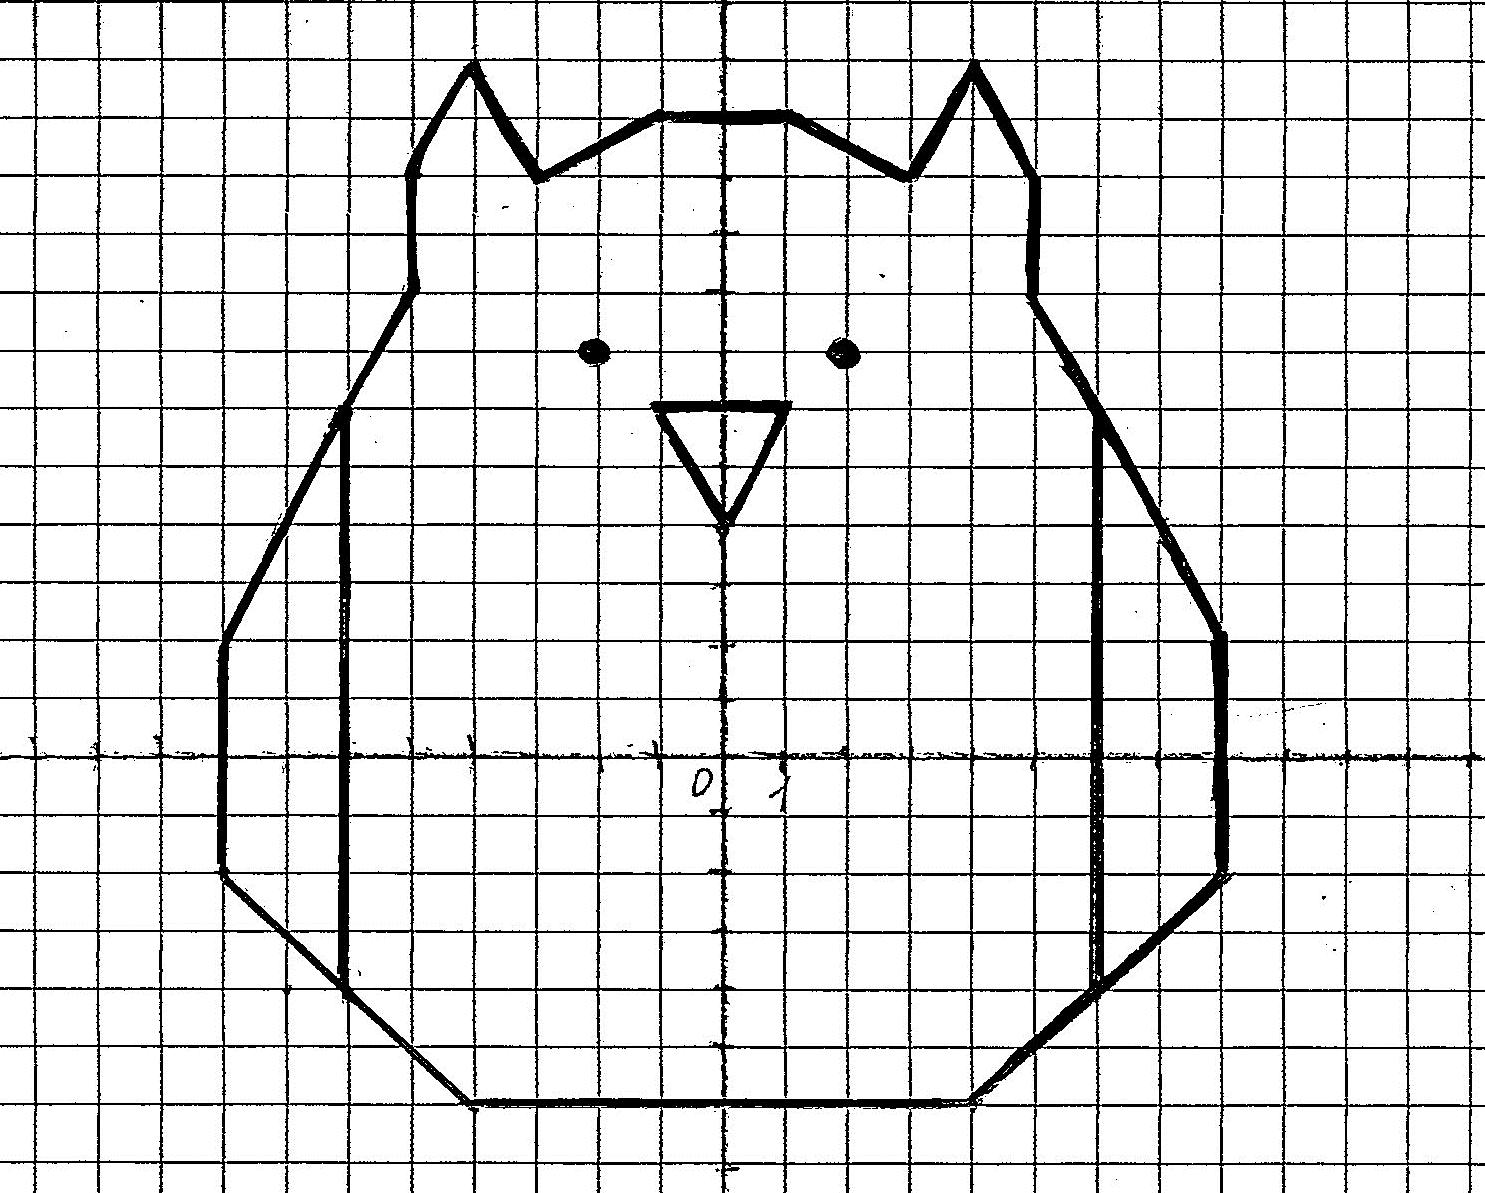 Картинки нарисованные по координатам